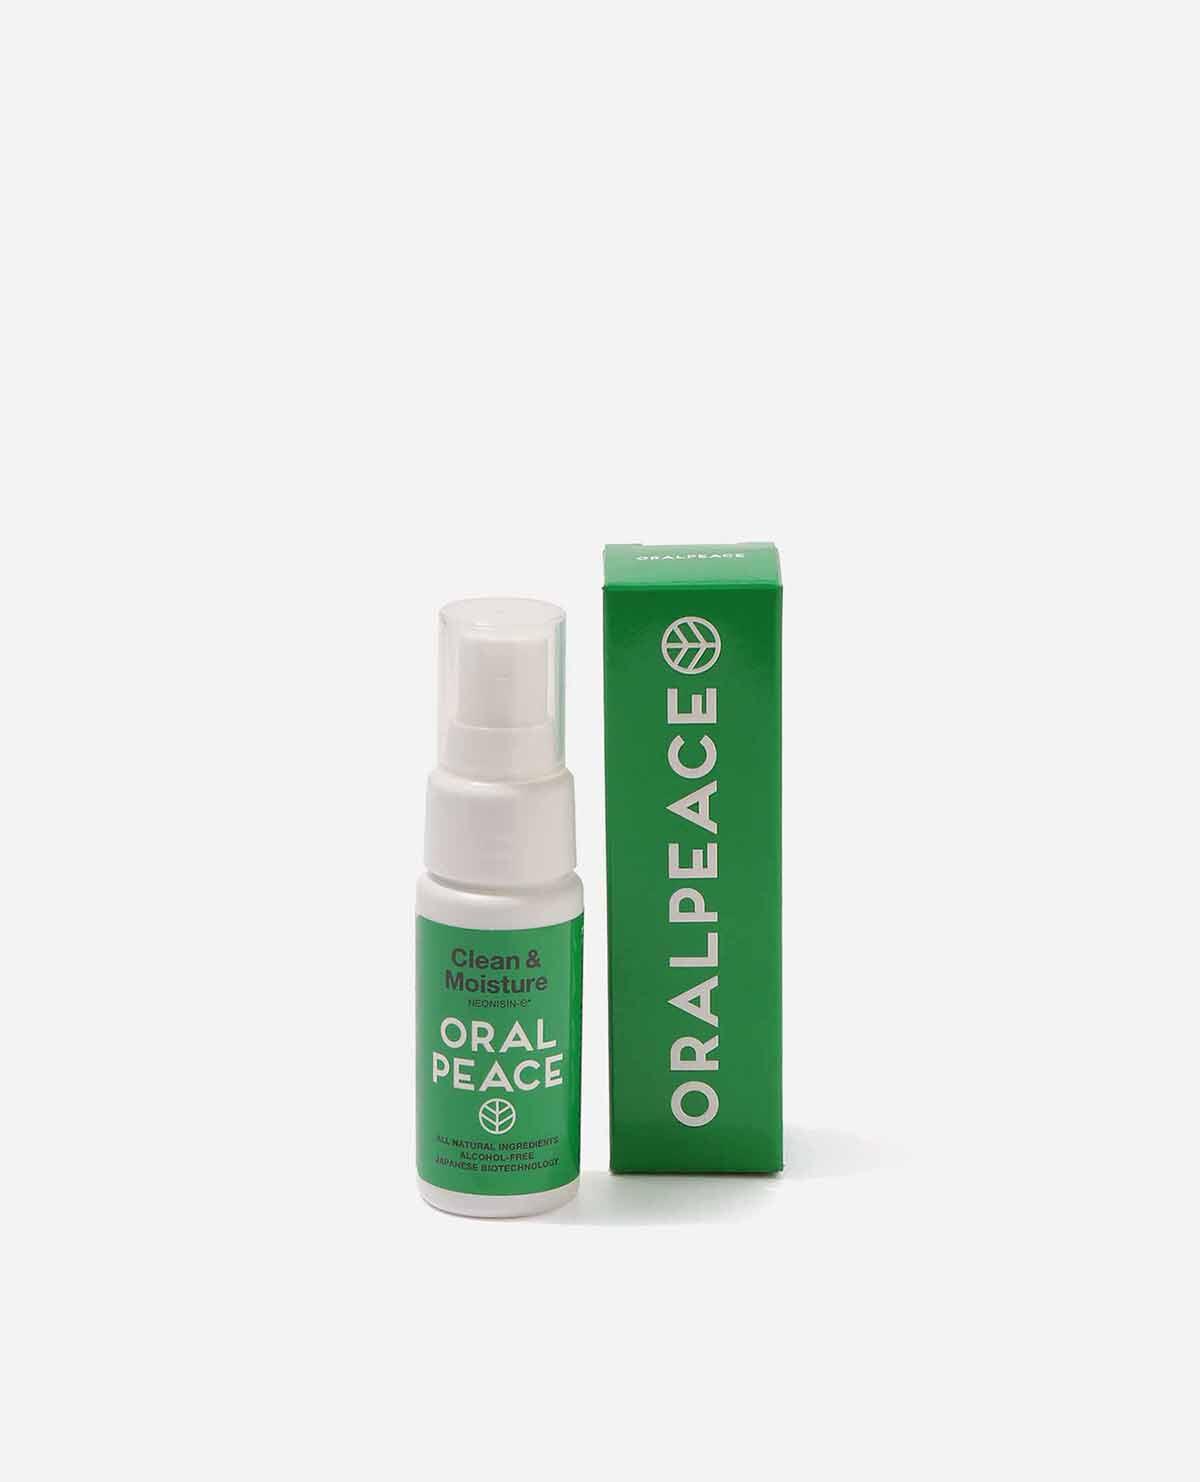 オーラルピース グリーン&モイスチュア スプレー ナチュラル